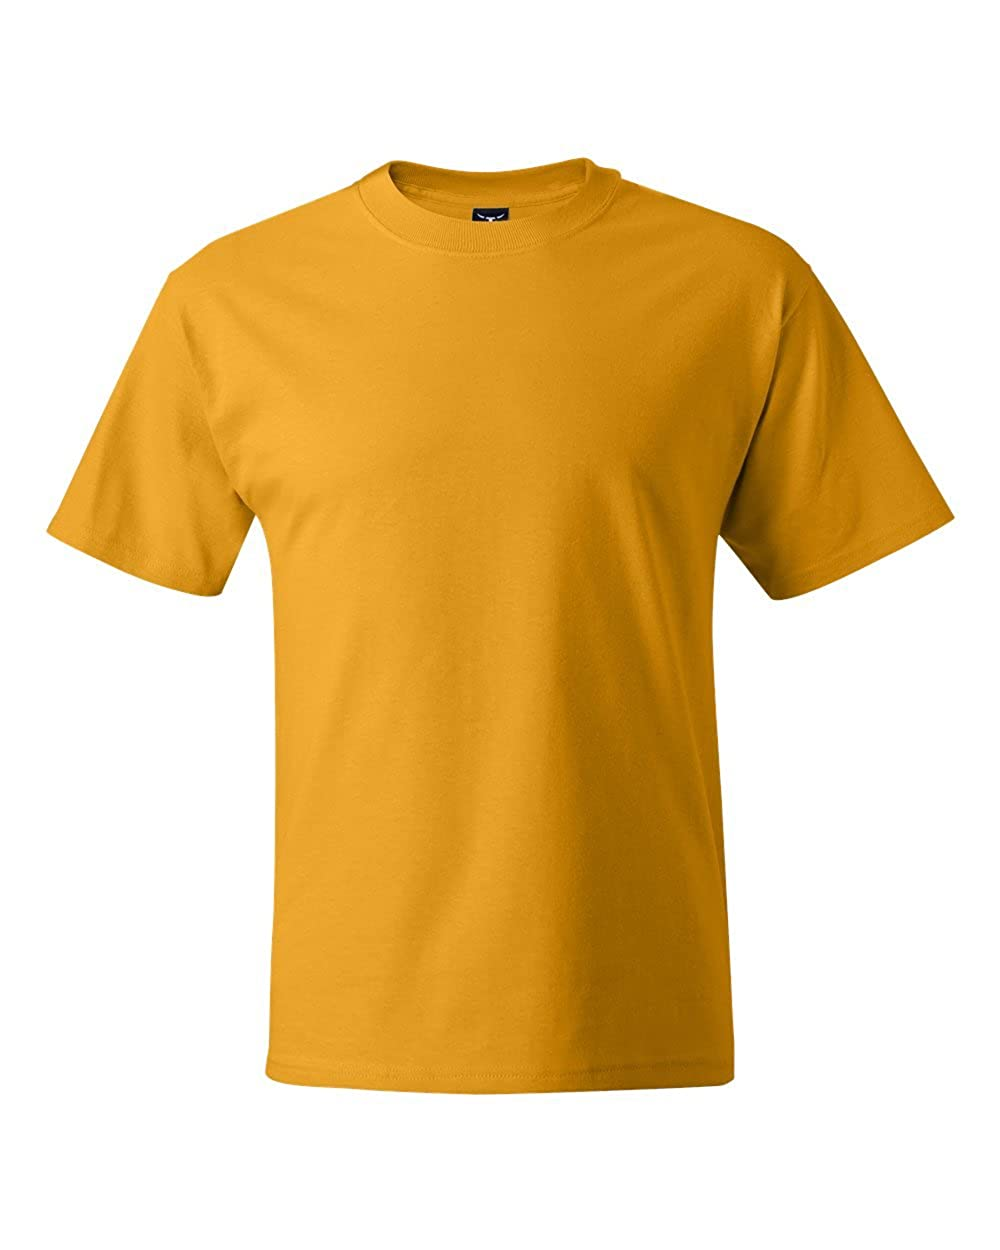 Hanes Mens Lay-Flat Tag-Free Crewneck Beefy T-Shirt